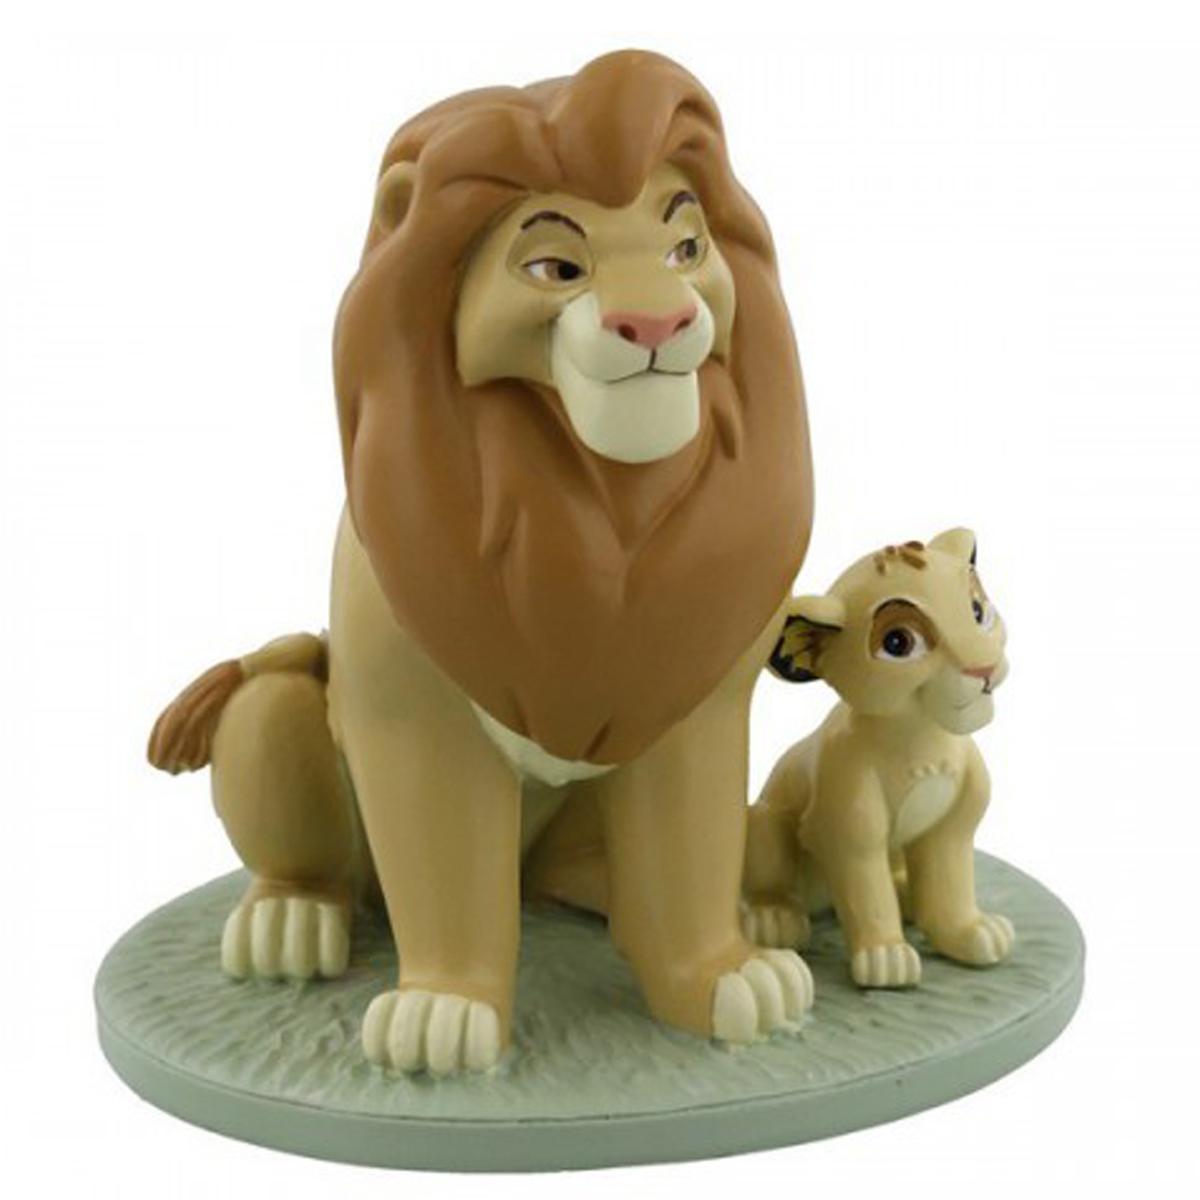 Figurine résine \'Le Roi Lion\' Mufasa Simba - hauteur 11 cm - [Q2062]